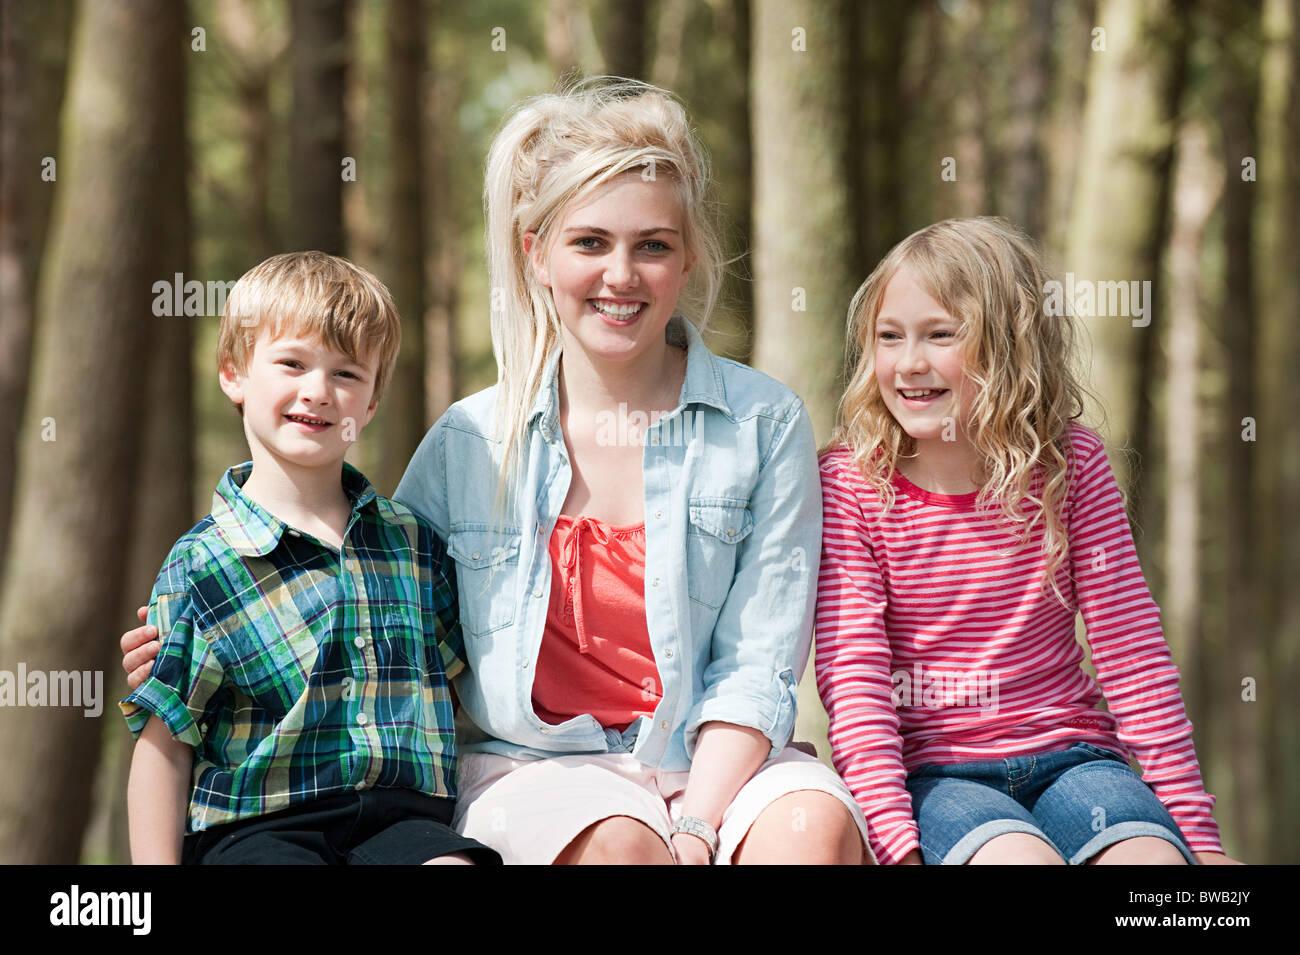 Adolescente avec son jeune frère et soeur Photo Stock